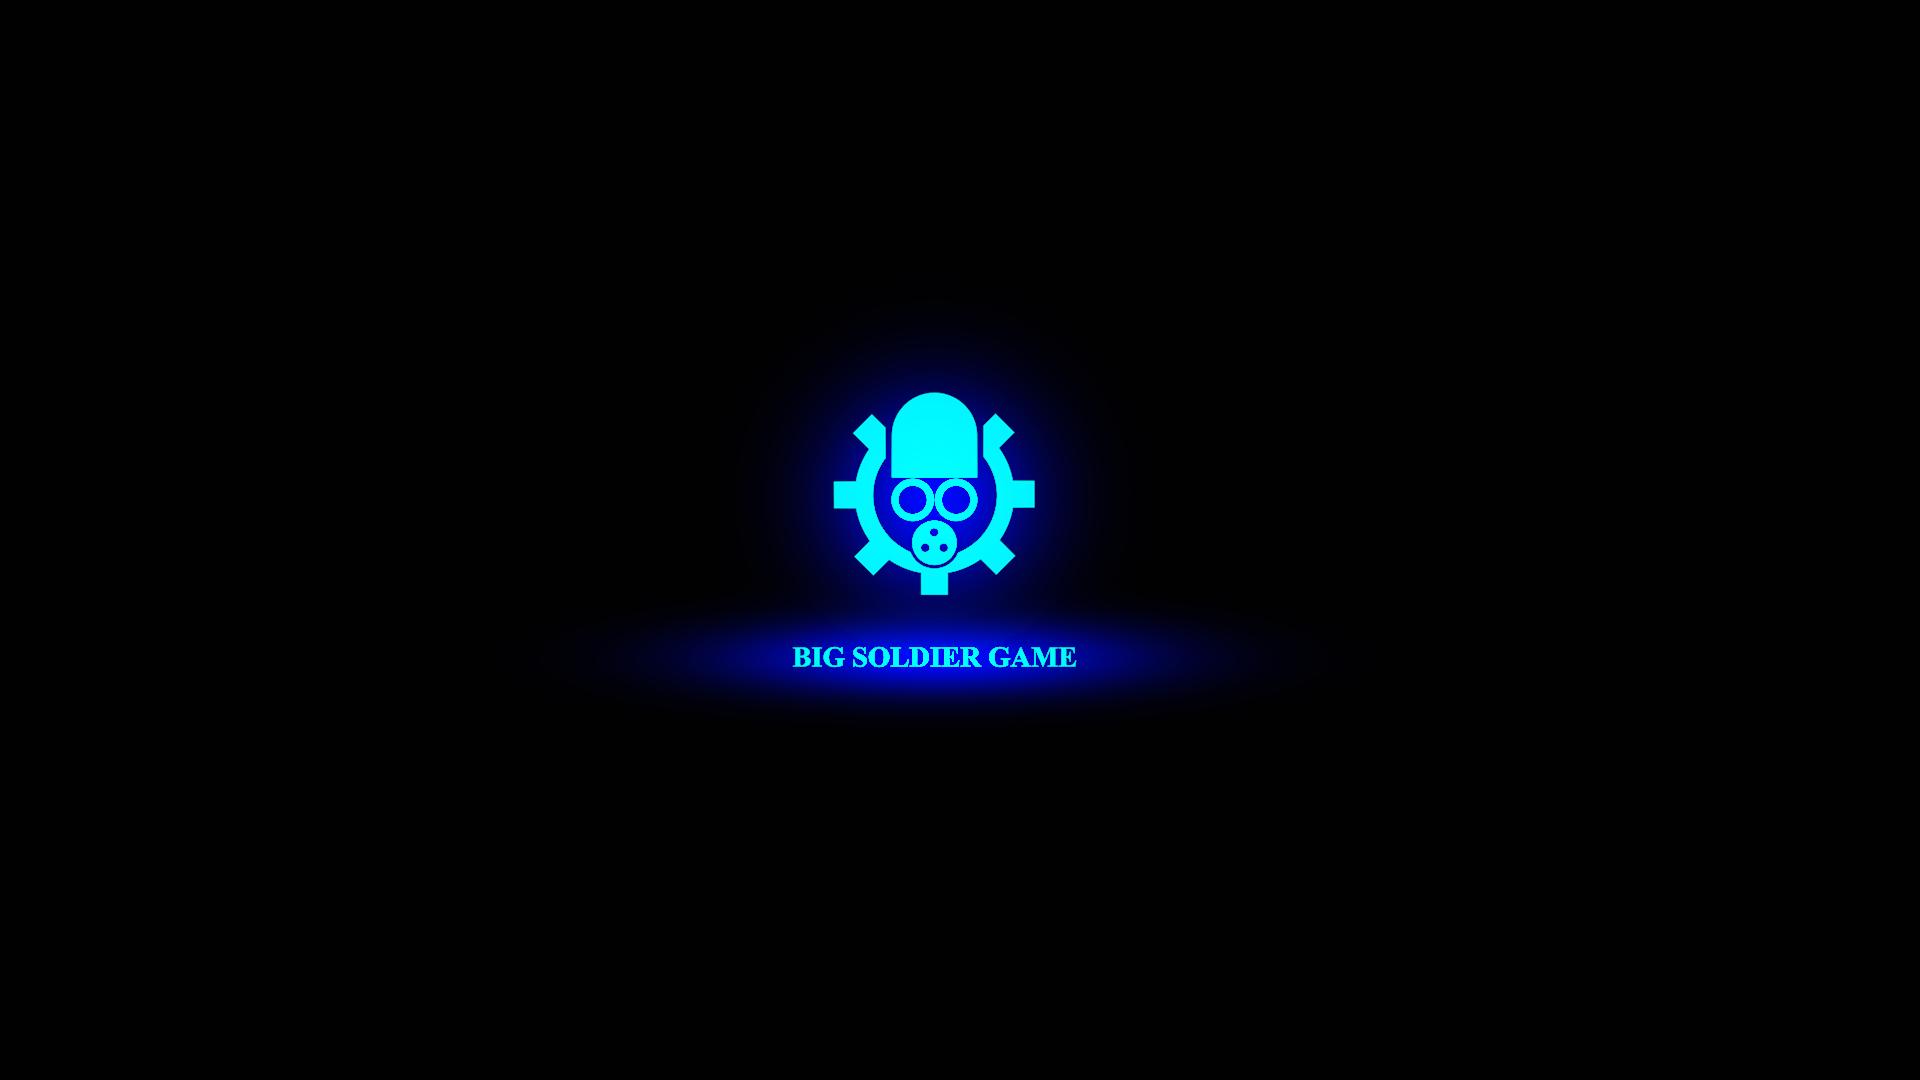 game logo1920x1080.png